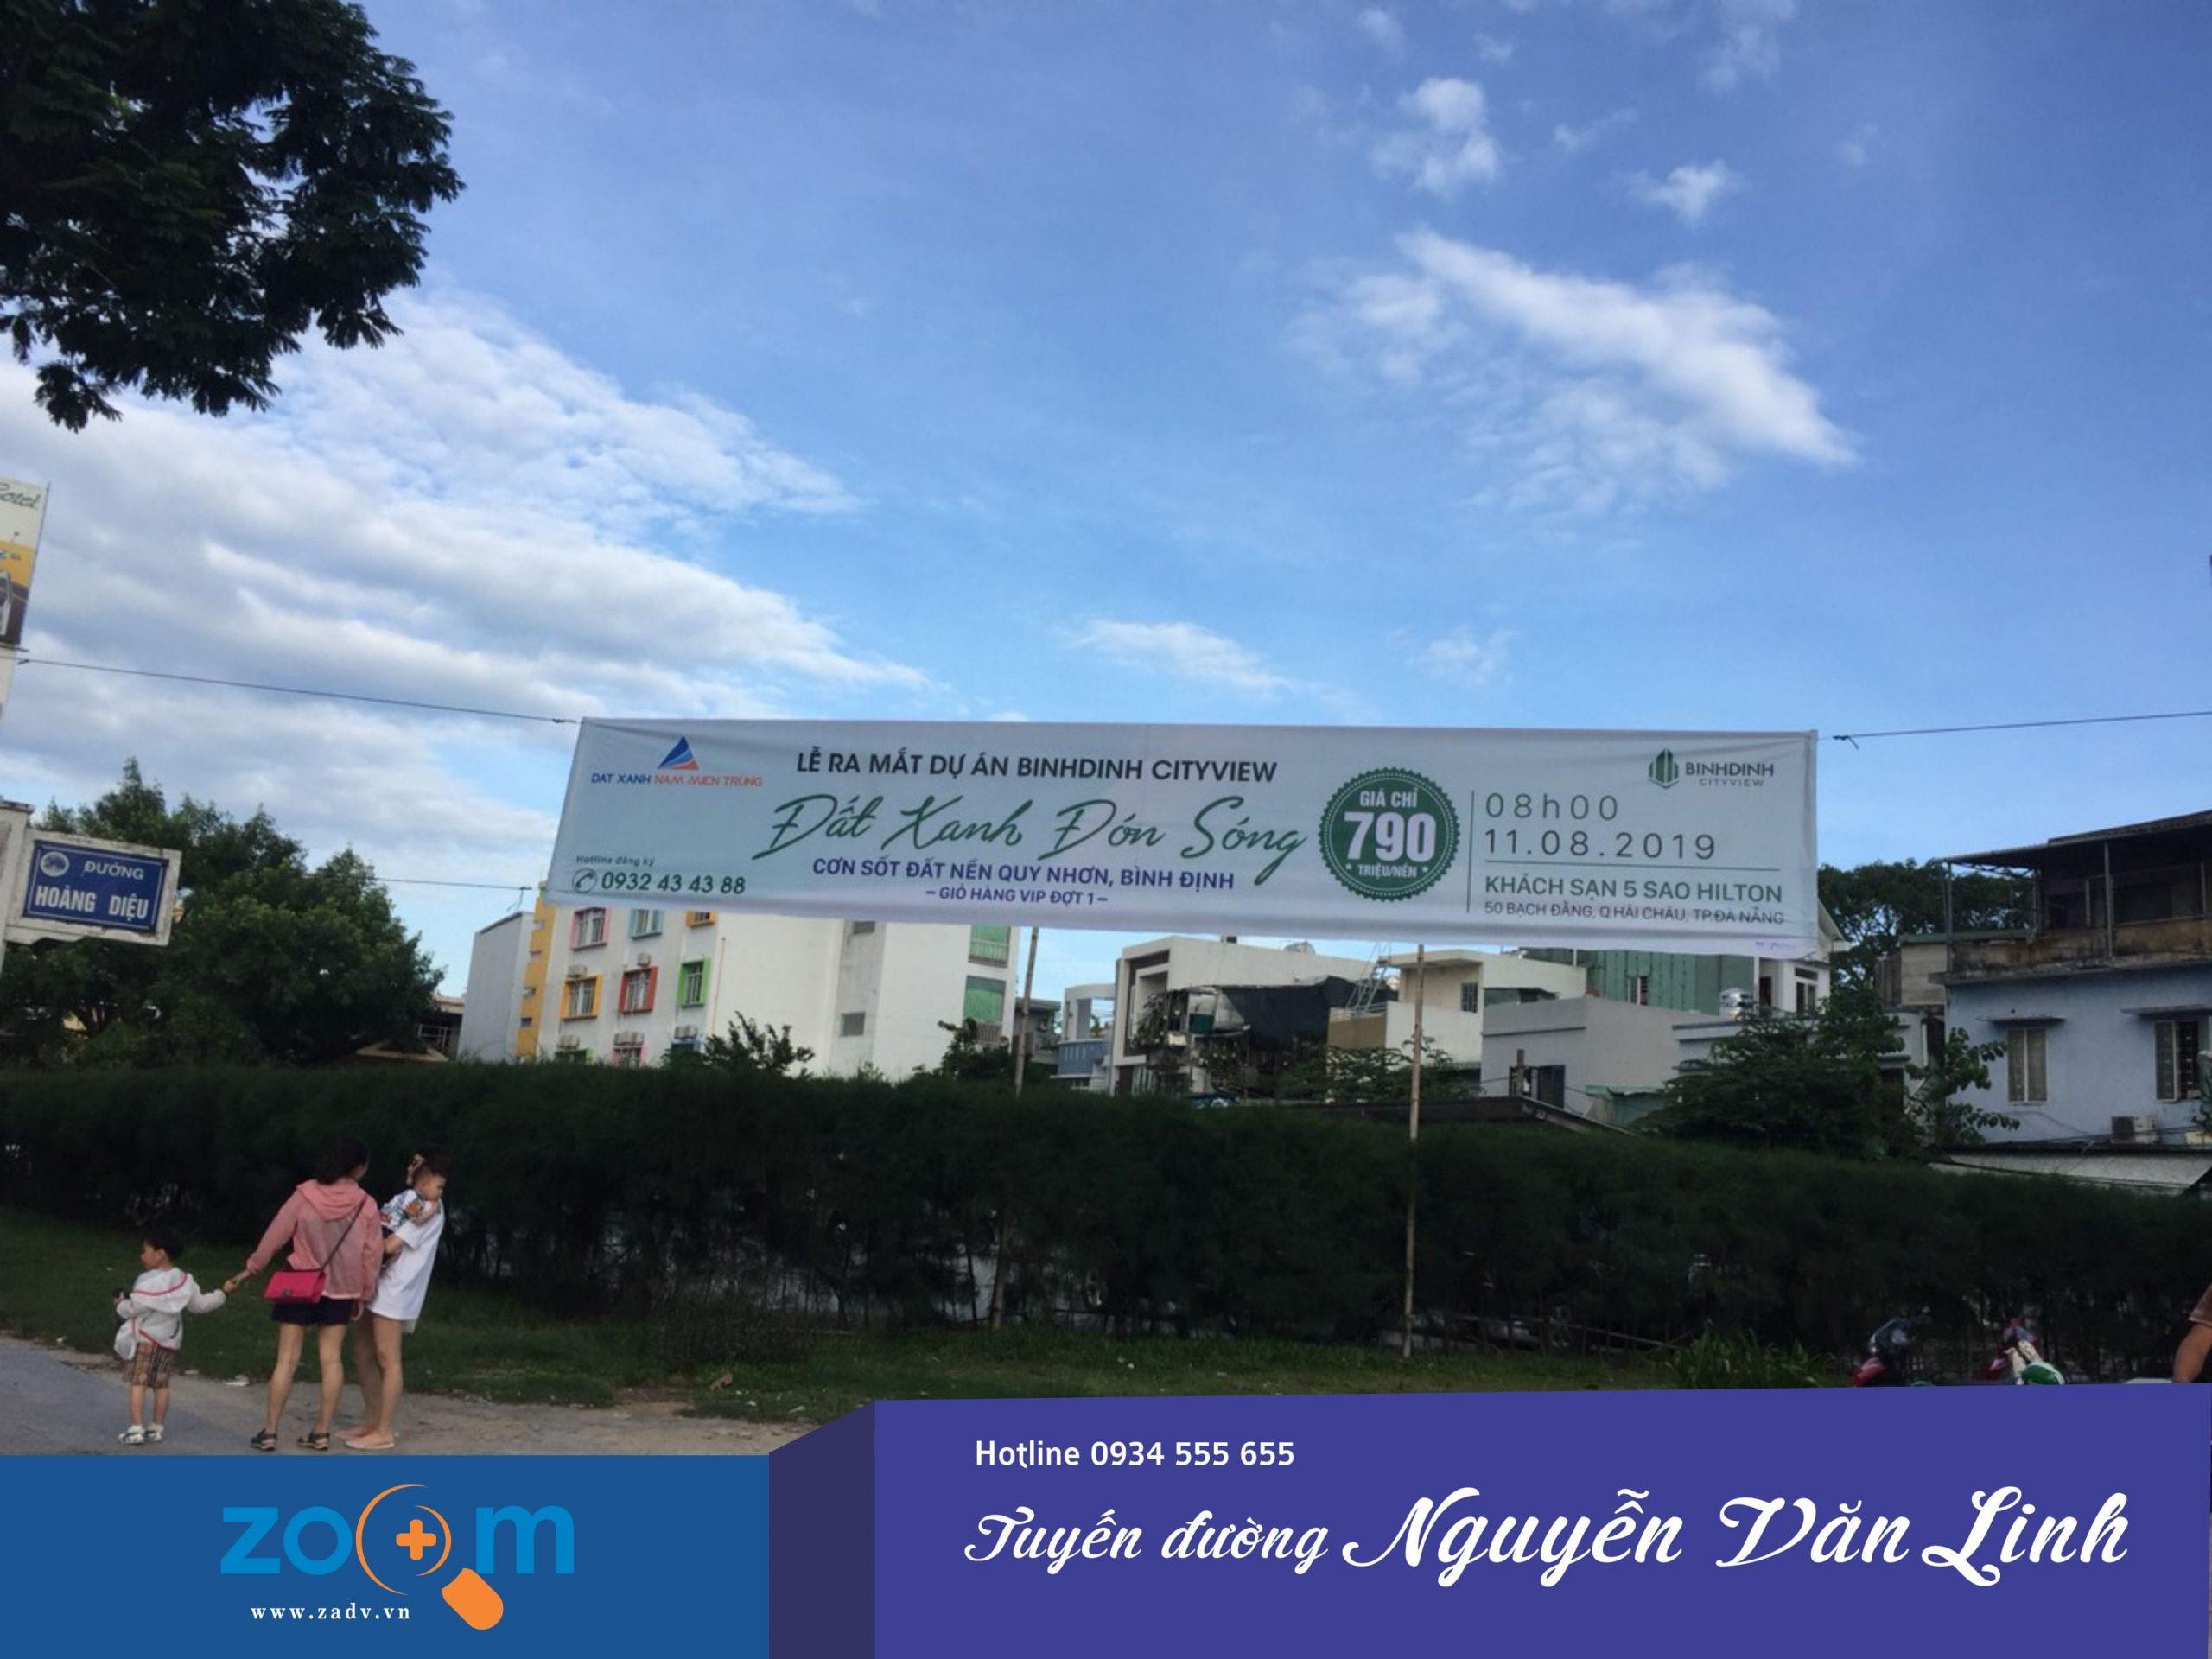 dịch vụ treo băng rôn bất động sản ở Đà Nẵng